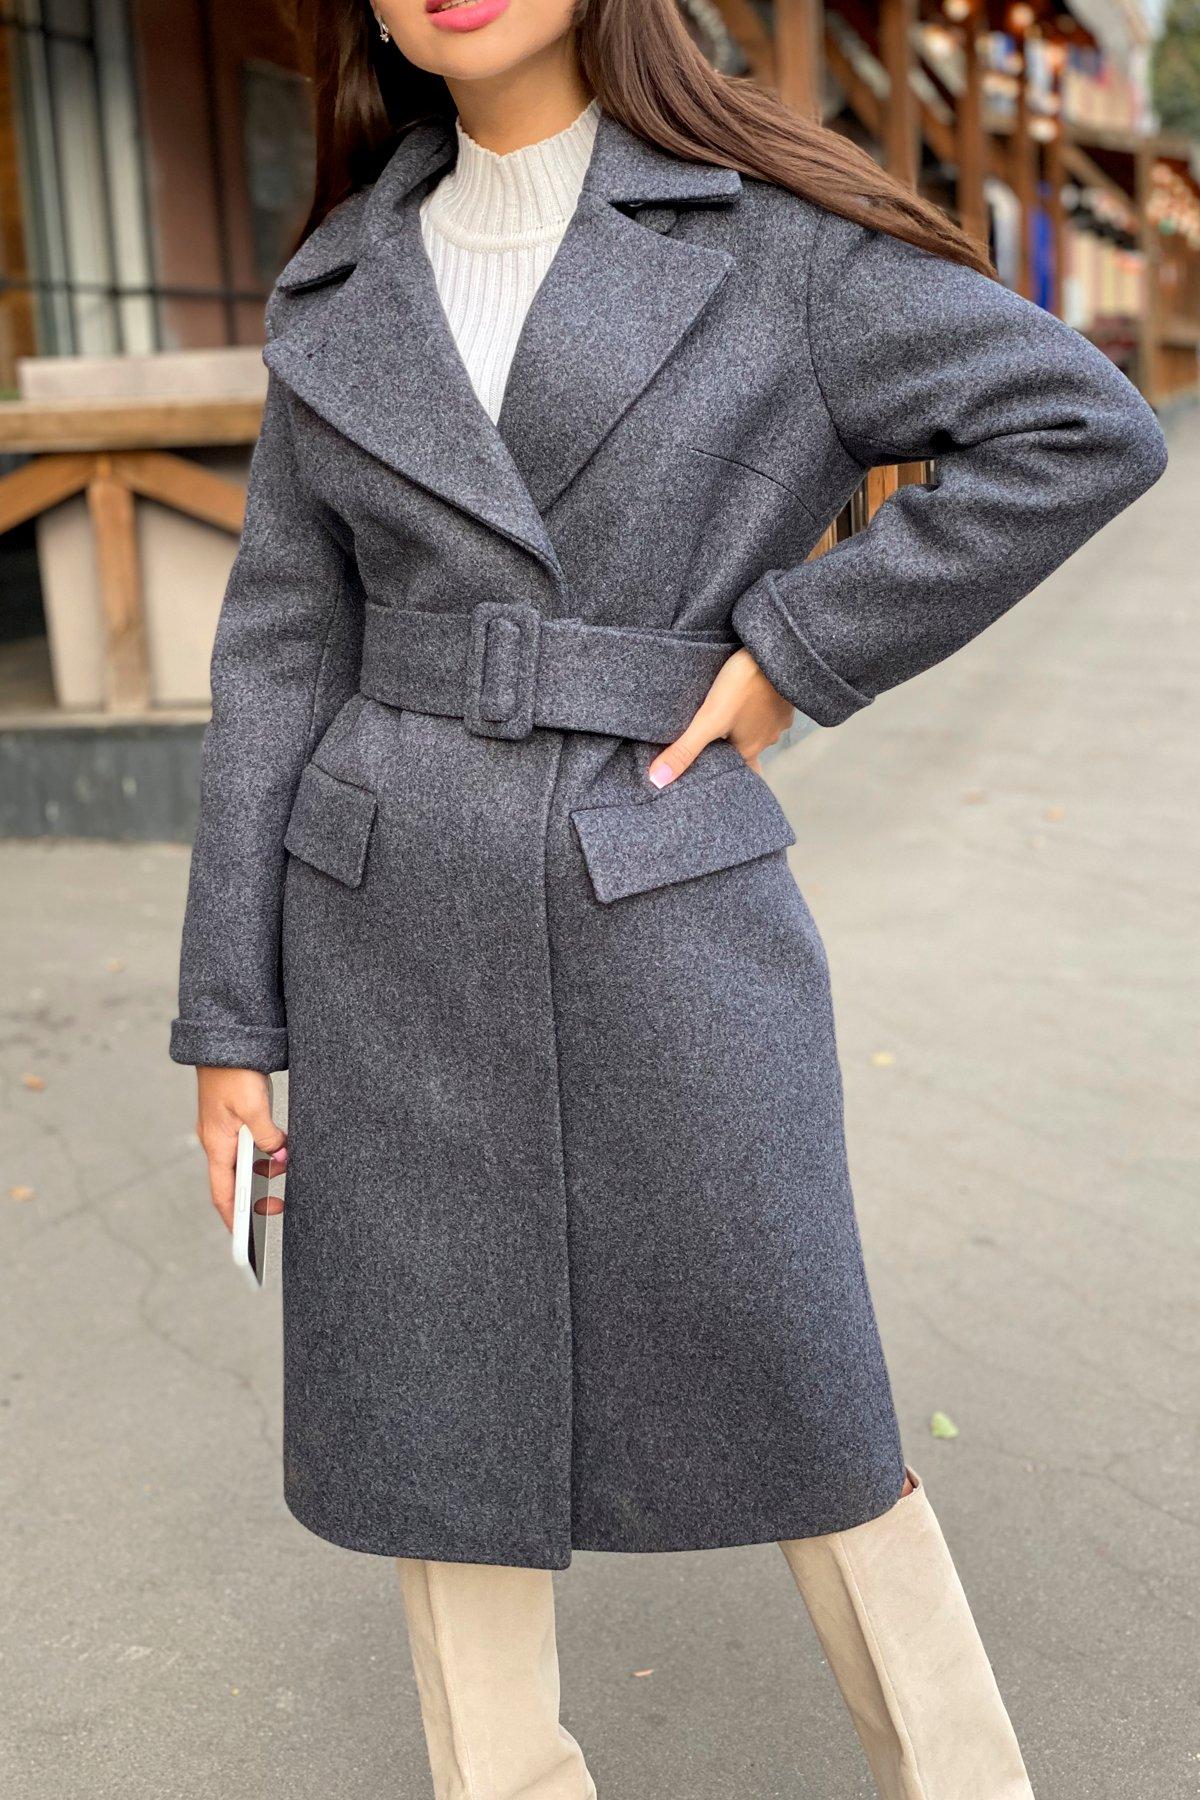 Зимнее пальто с отложным воротником Моле 8085 АРТ. 44036 Цвет: Т.синий 543 - фото 10, интернет магазин tm-modus.ru